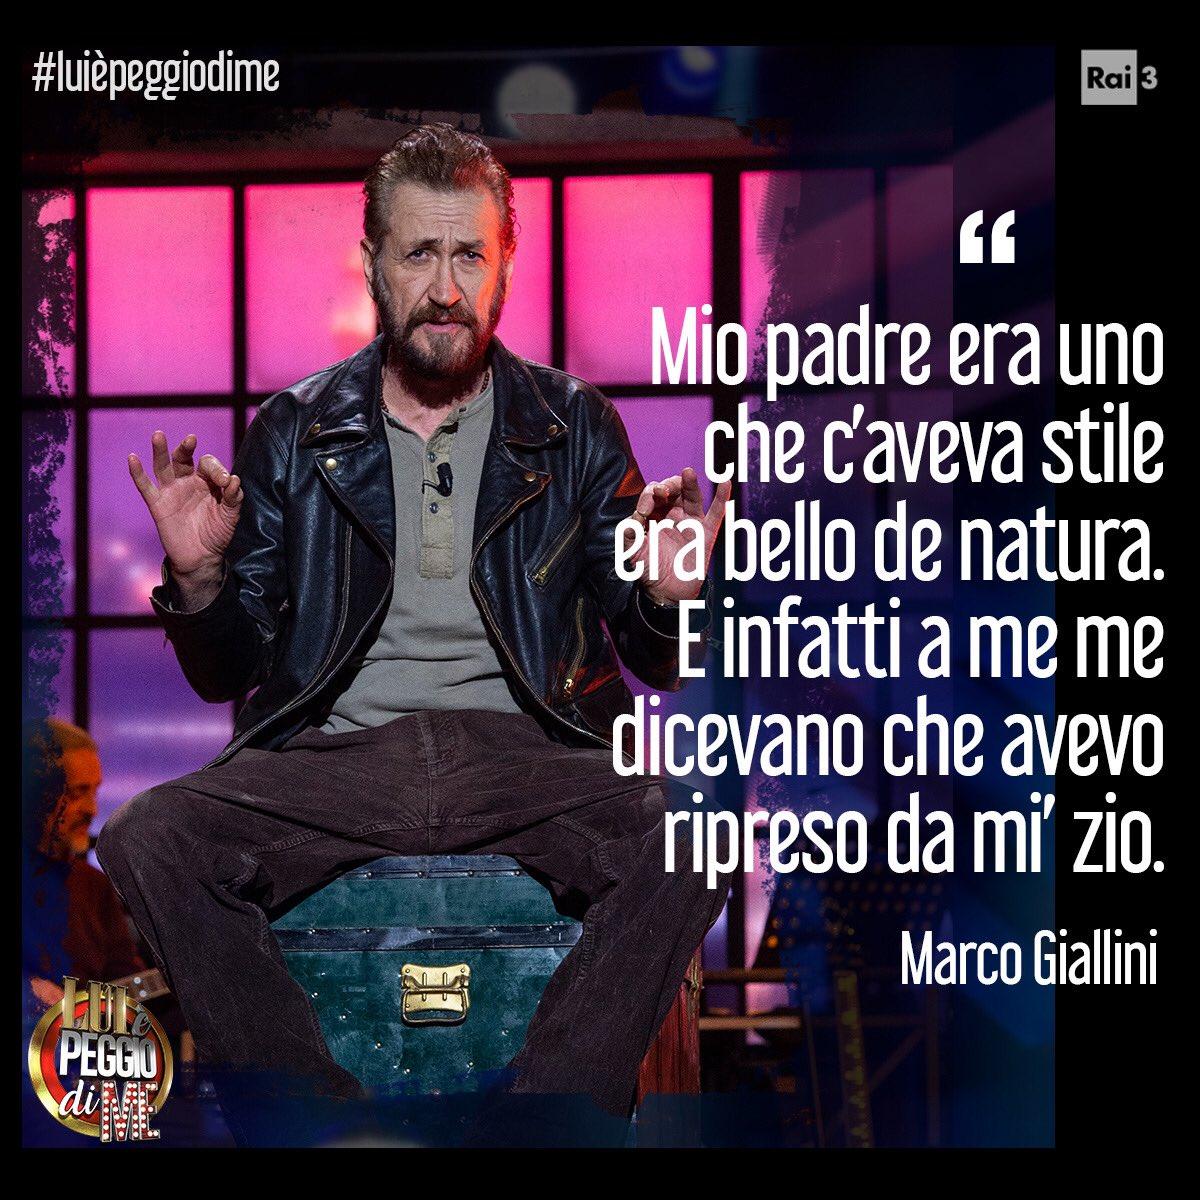 """RT @RaiTre: """"Sono sempre stato un ribelle.""""  @marcogiallini #LuiÈPeggioDiMe https://t.co/qTGRcERnFH"""